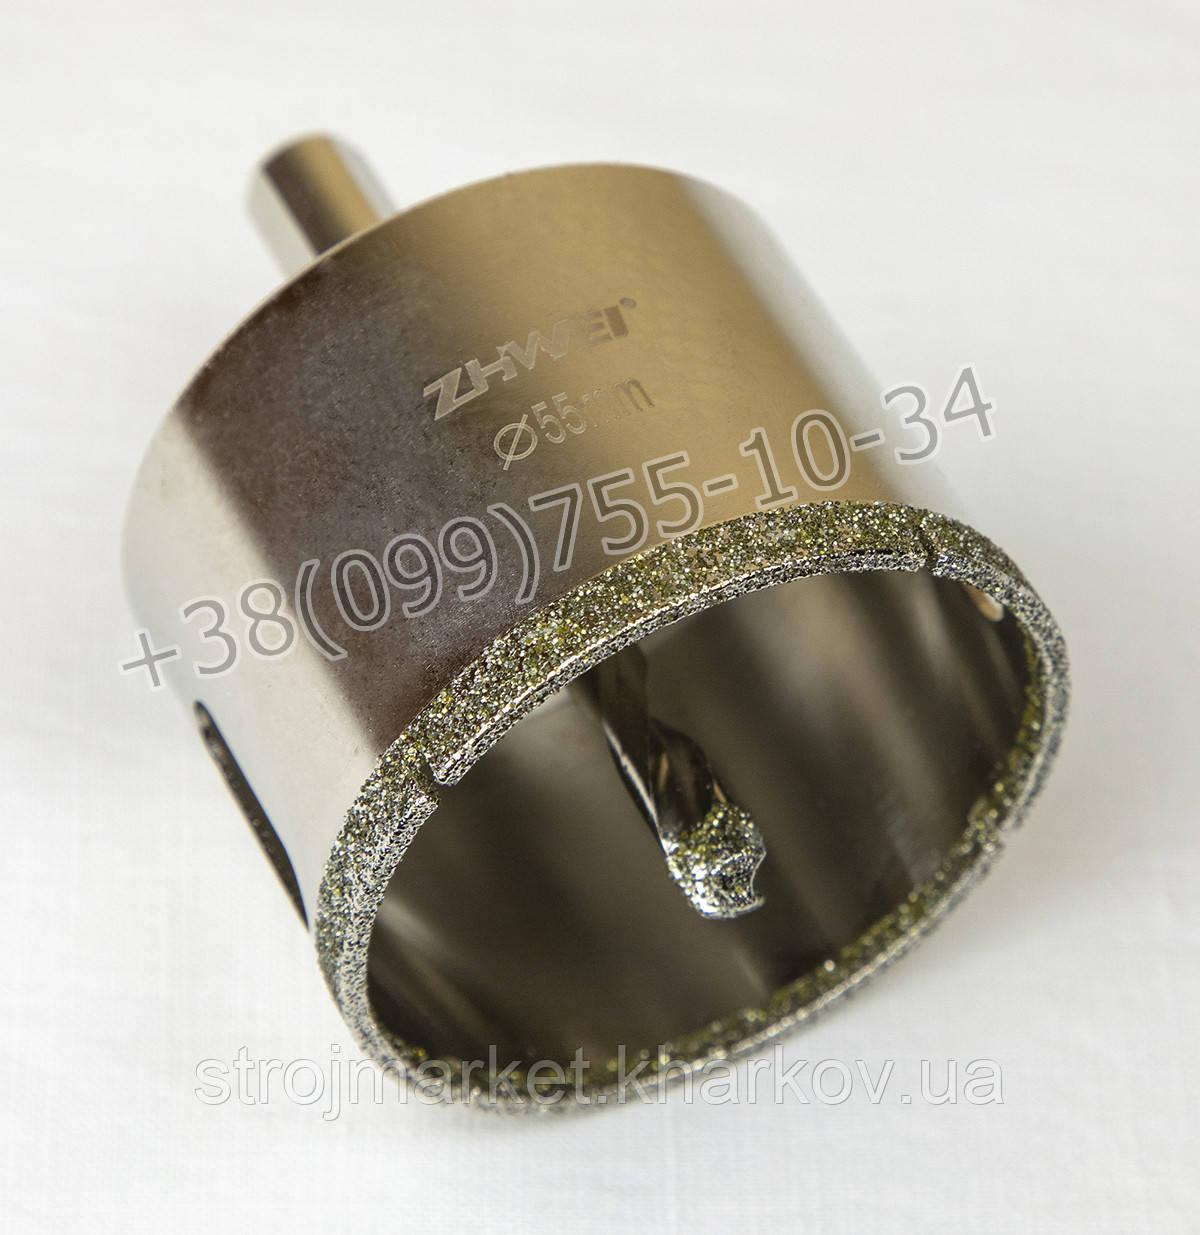 Алмазные коронки с сверлом ZHWEI 55мм